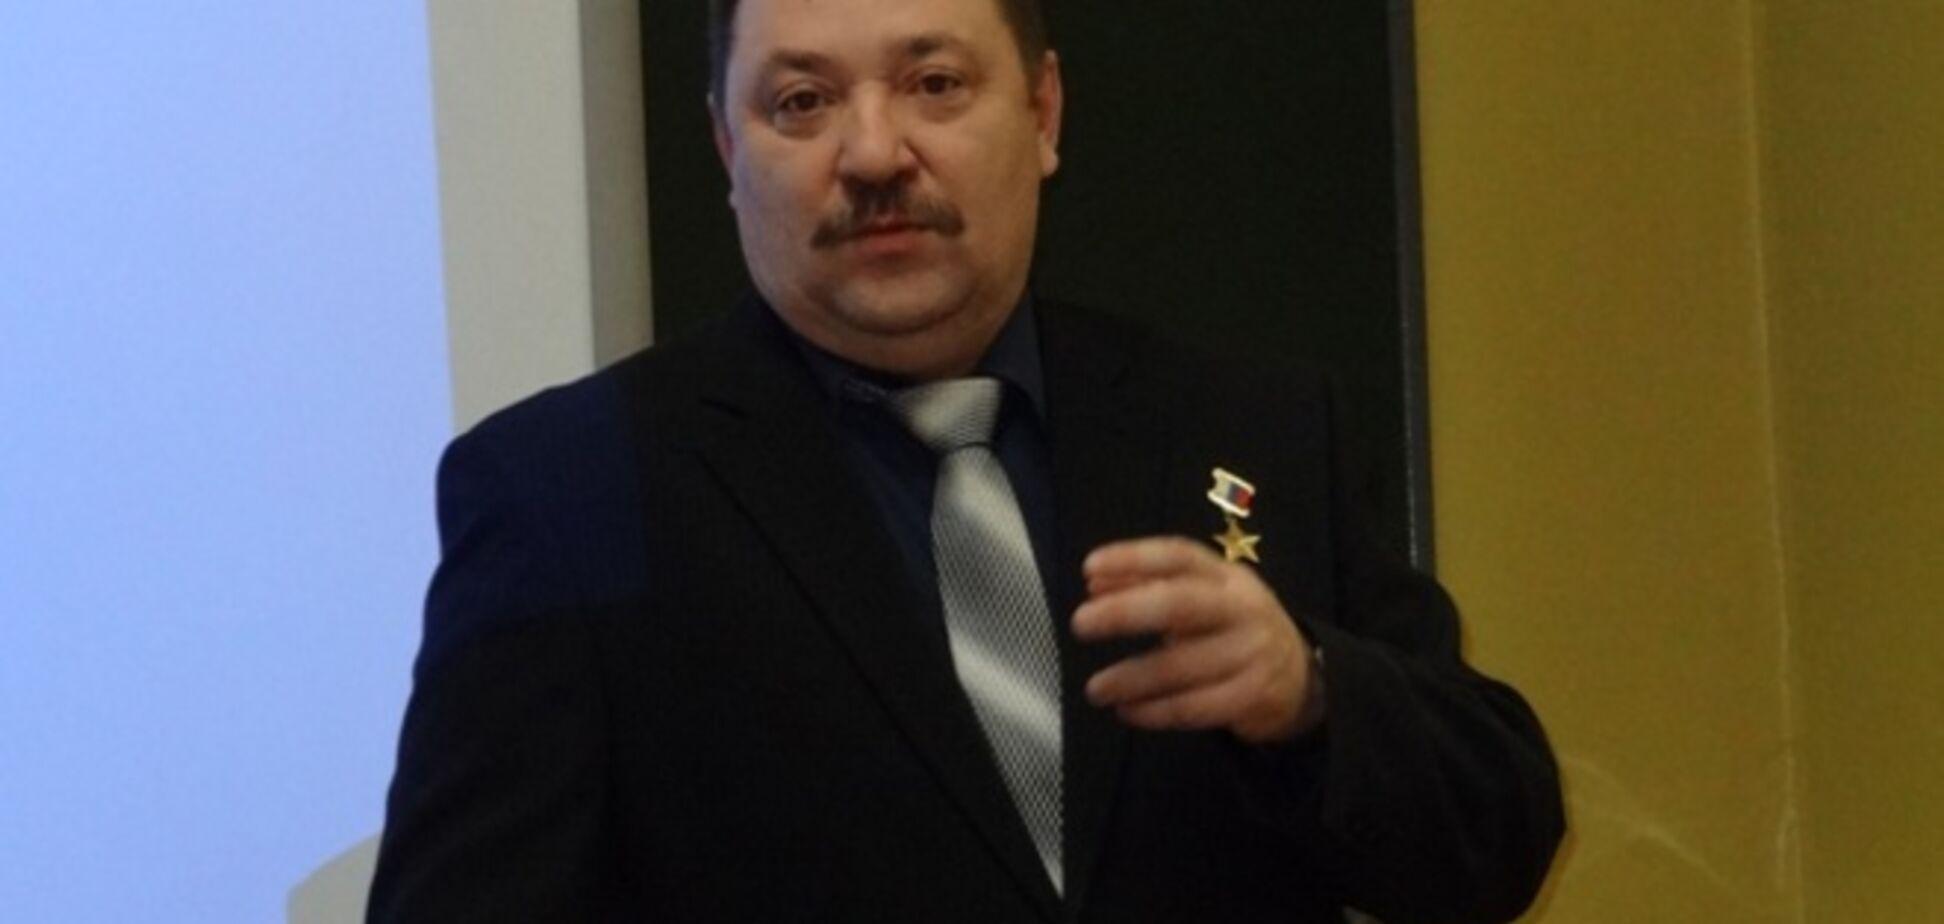 Депутат из Екатеринбурга стал одним из главарей 'ЛНР' - российские СМИ